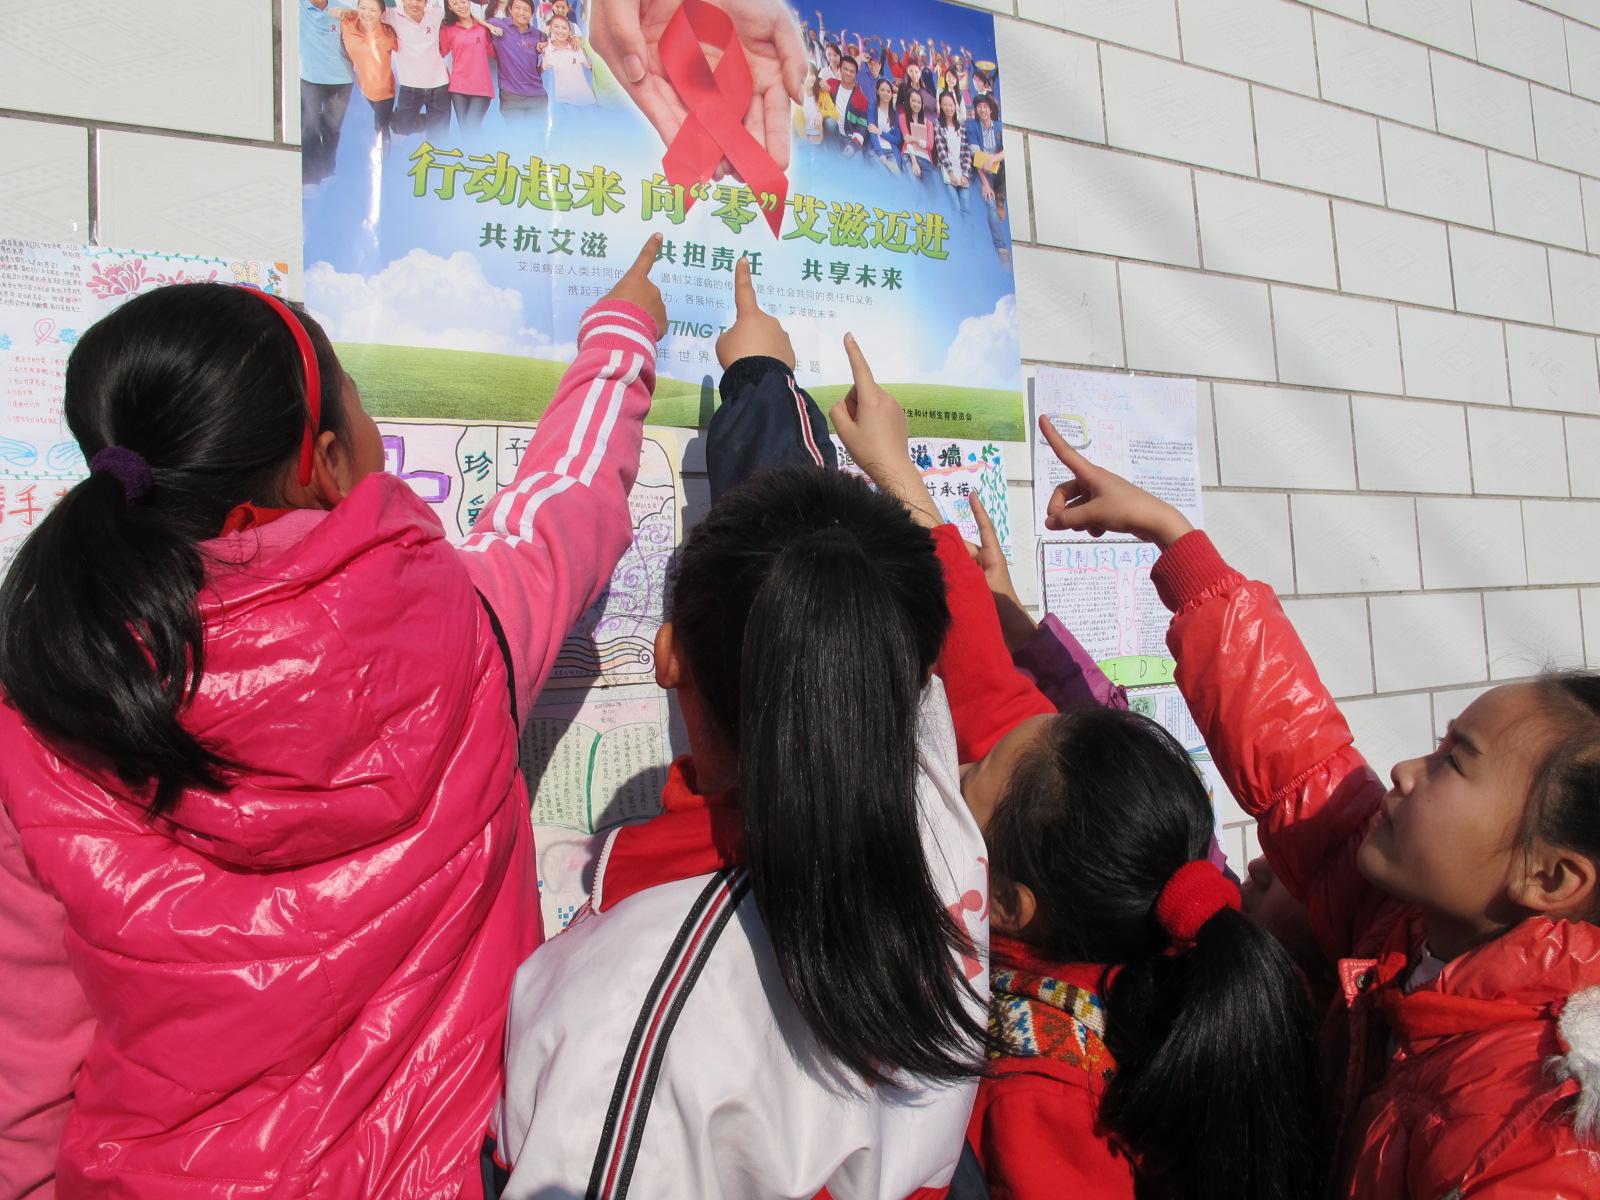 秦皇岛市海港区光明路小学预防艾滋病宣传周活动